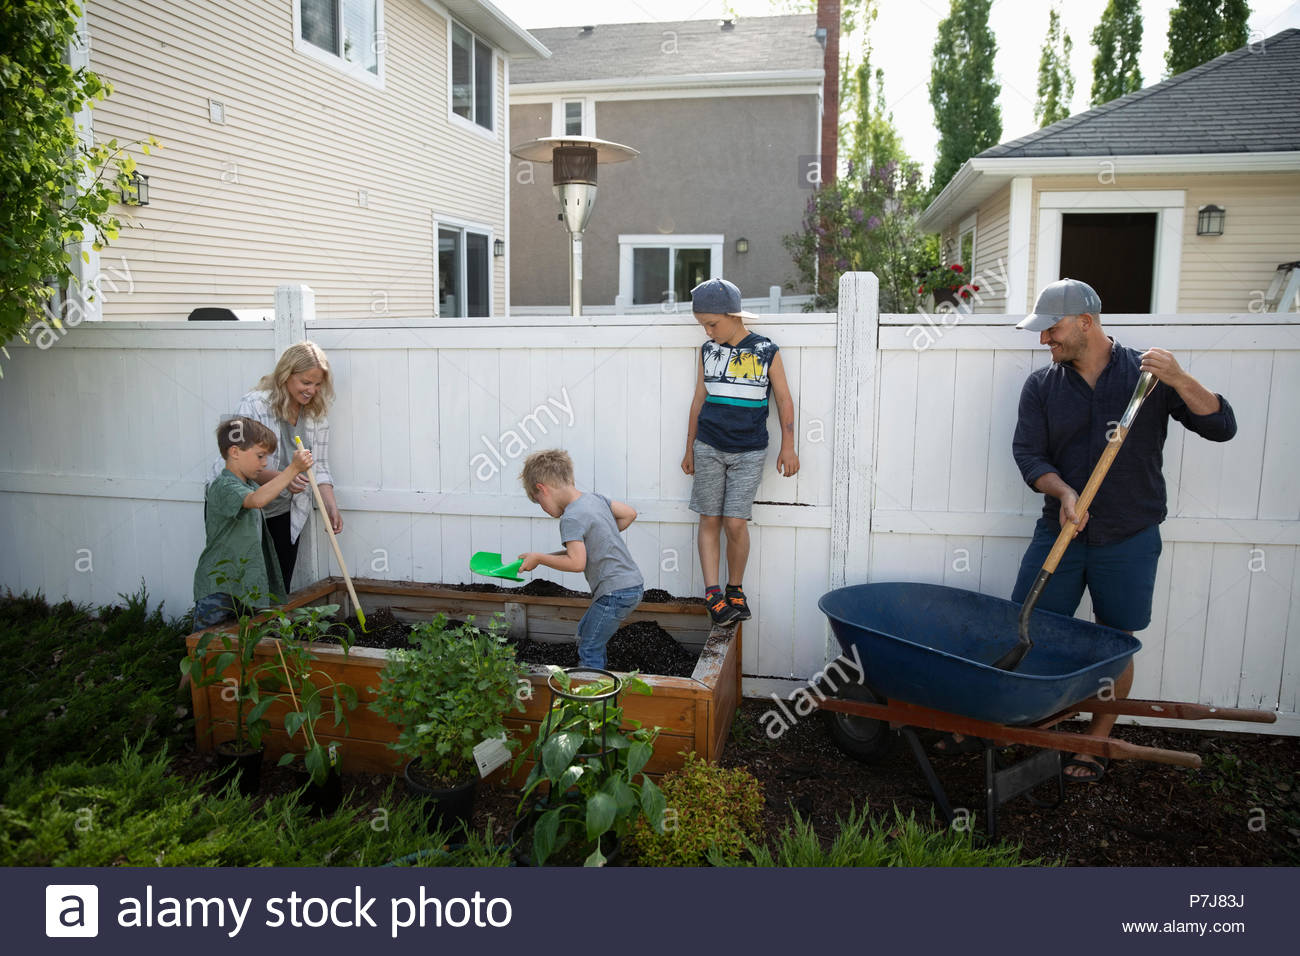 Jardinería familiar en el patio de atrás Imagen De Stock